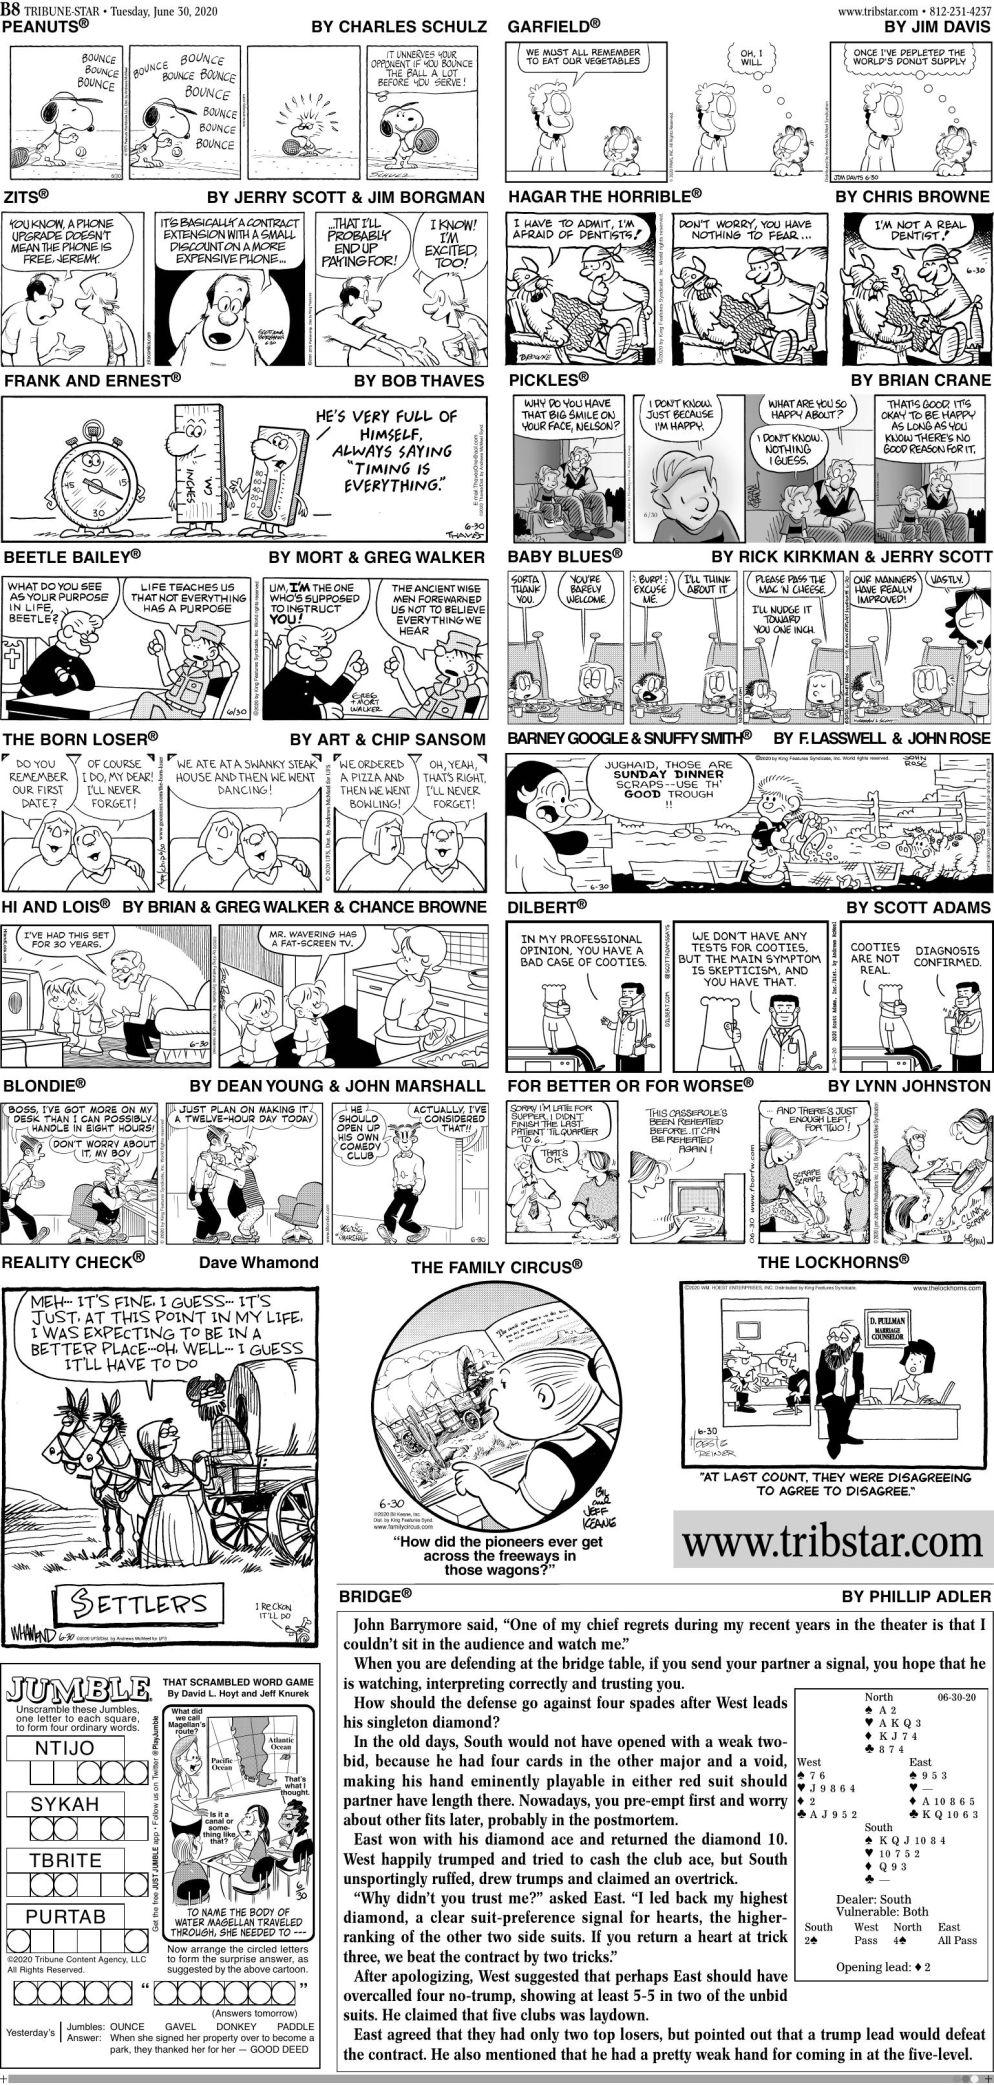 Tuesday 063020 comics.pdf